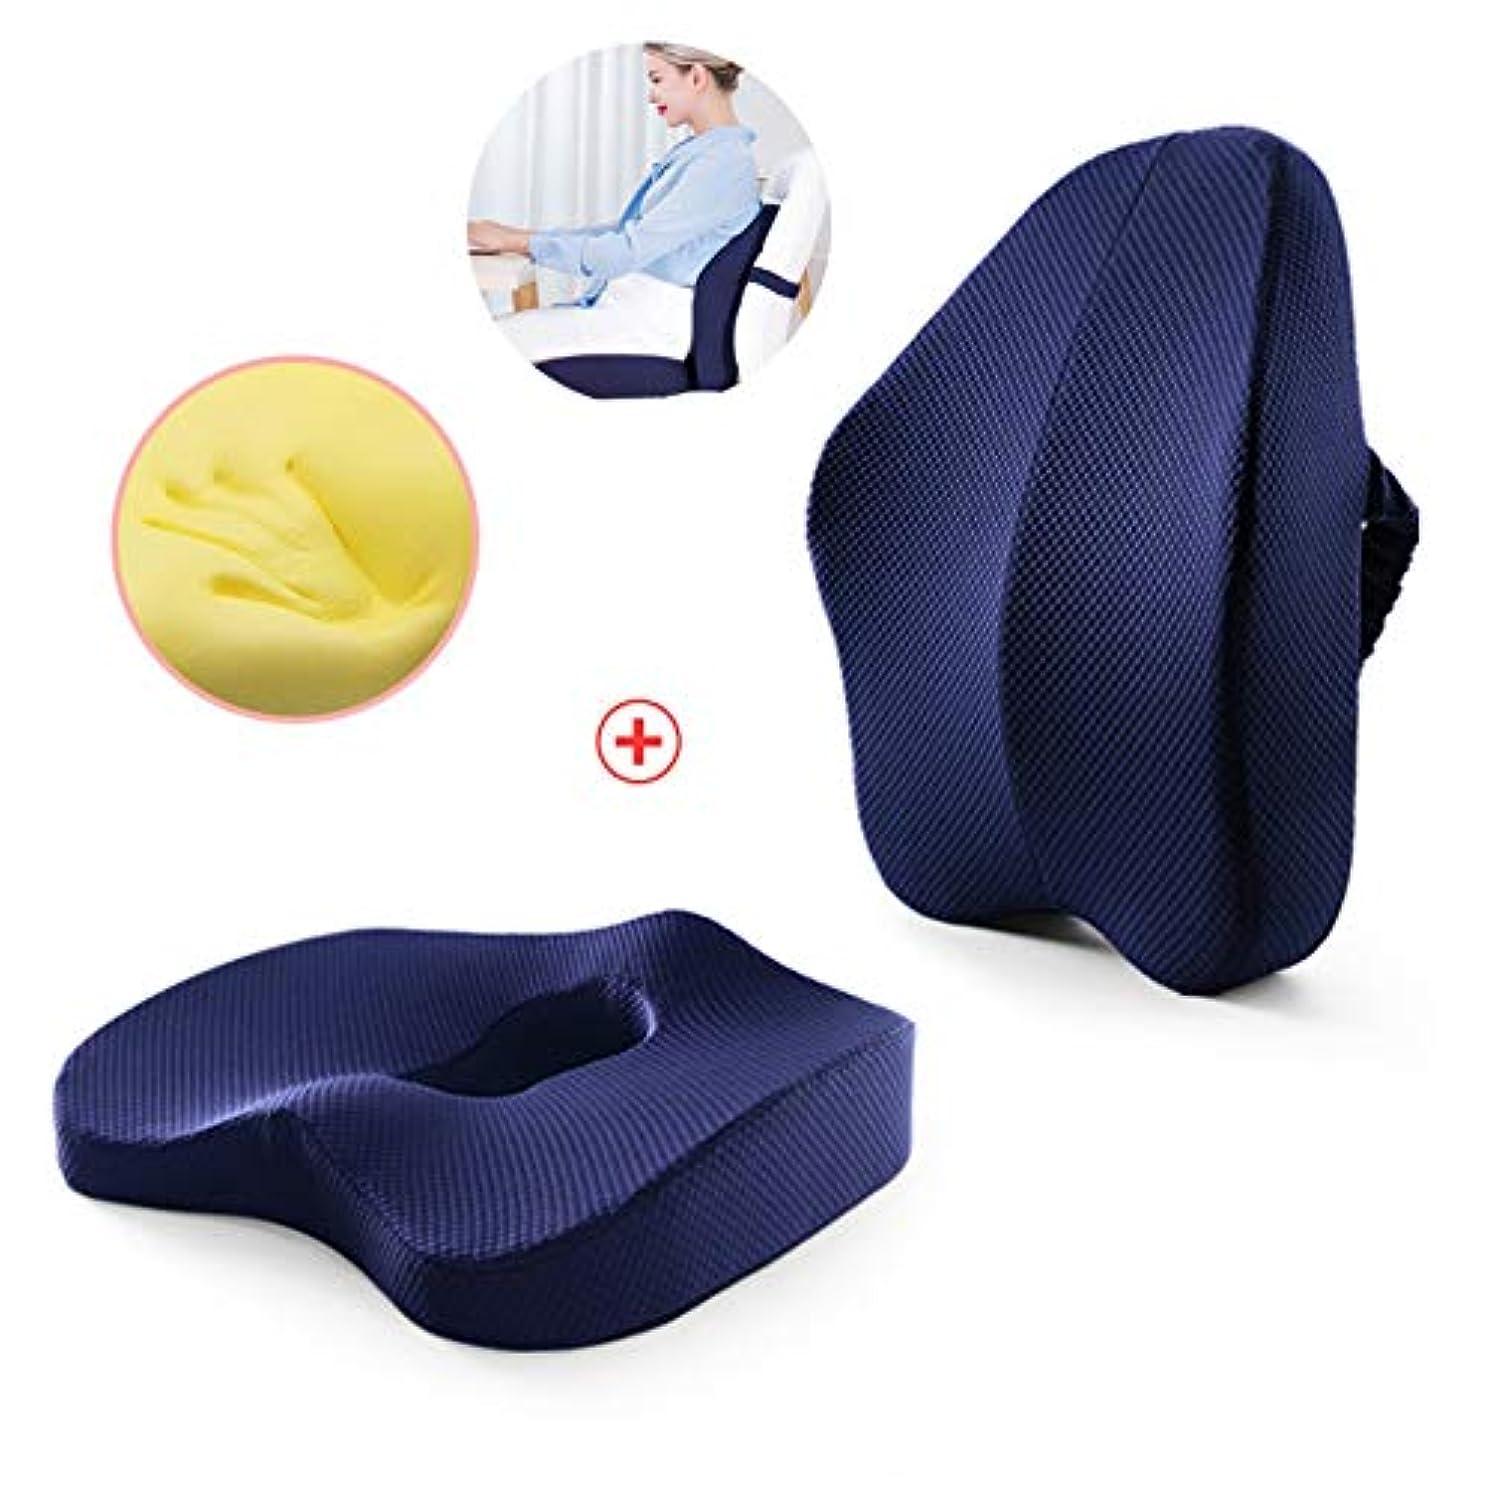 楽しい牛排除するシートクッションとランバーサポート 低反発フォームの洗えるカバークッション、車のオフィスコンピュータチェア車椅子用